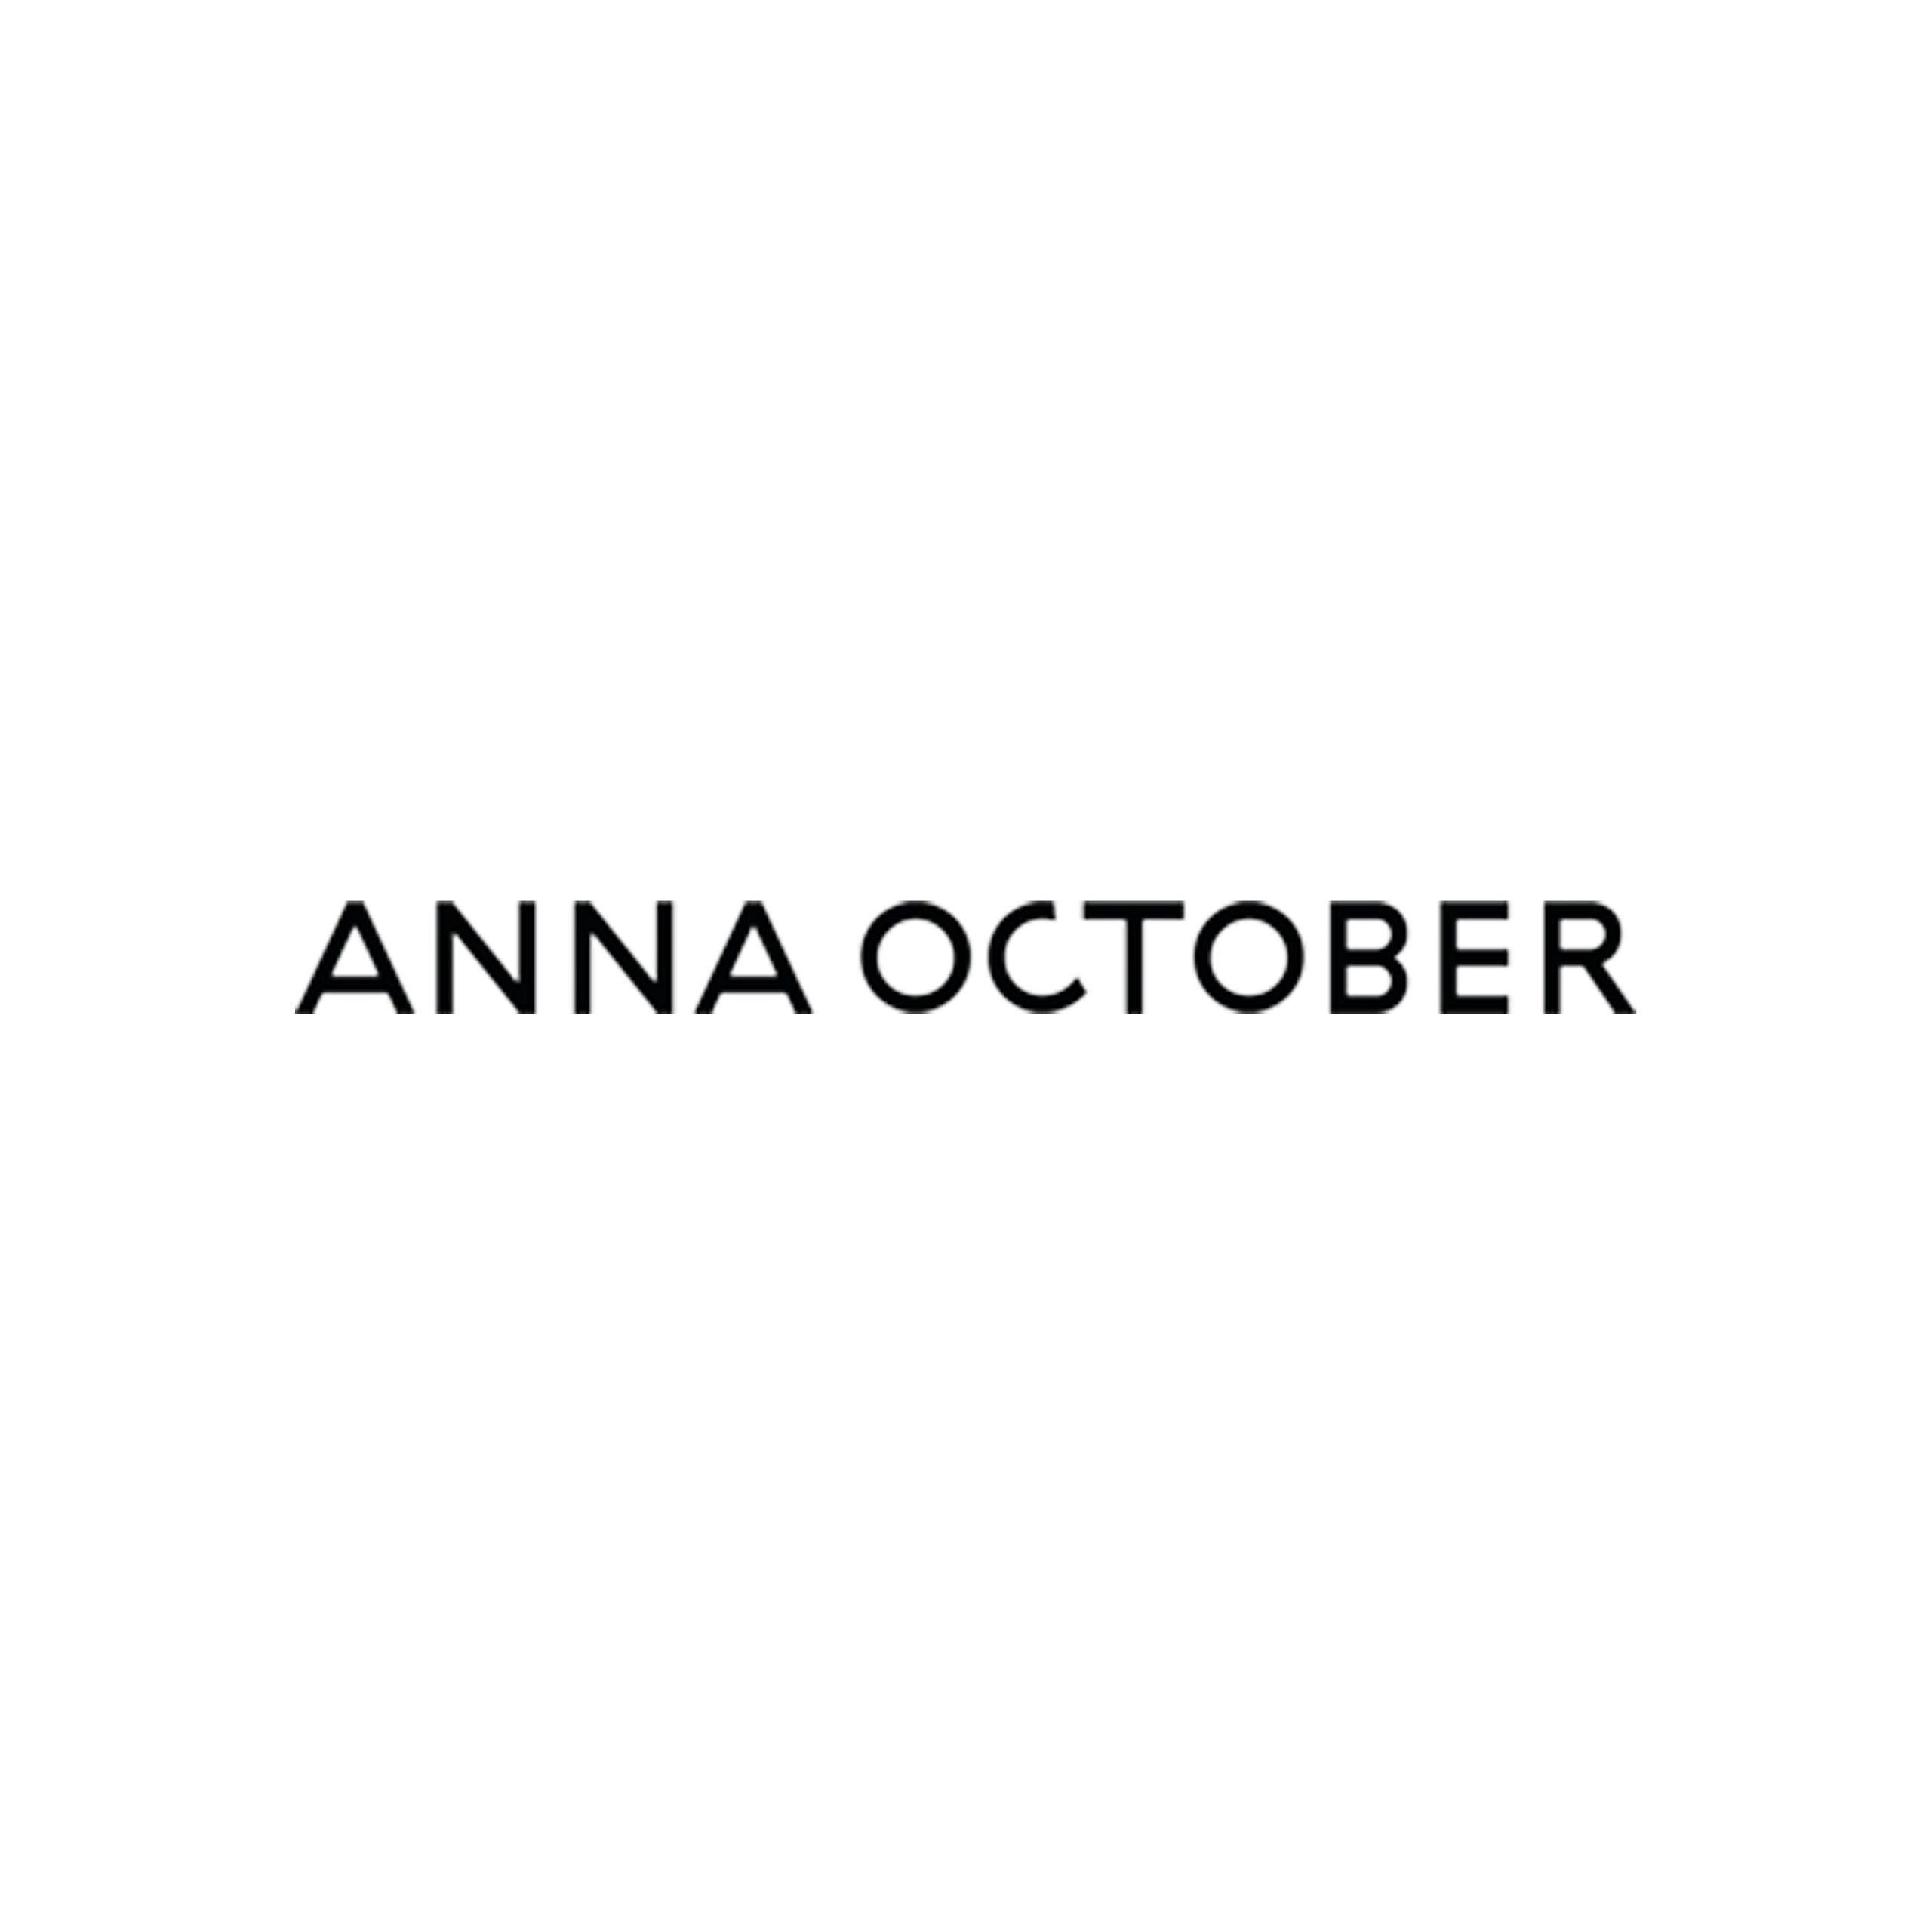 Anna-October-logo